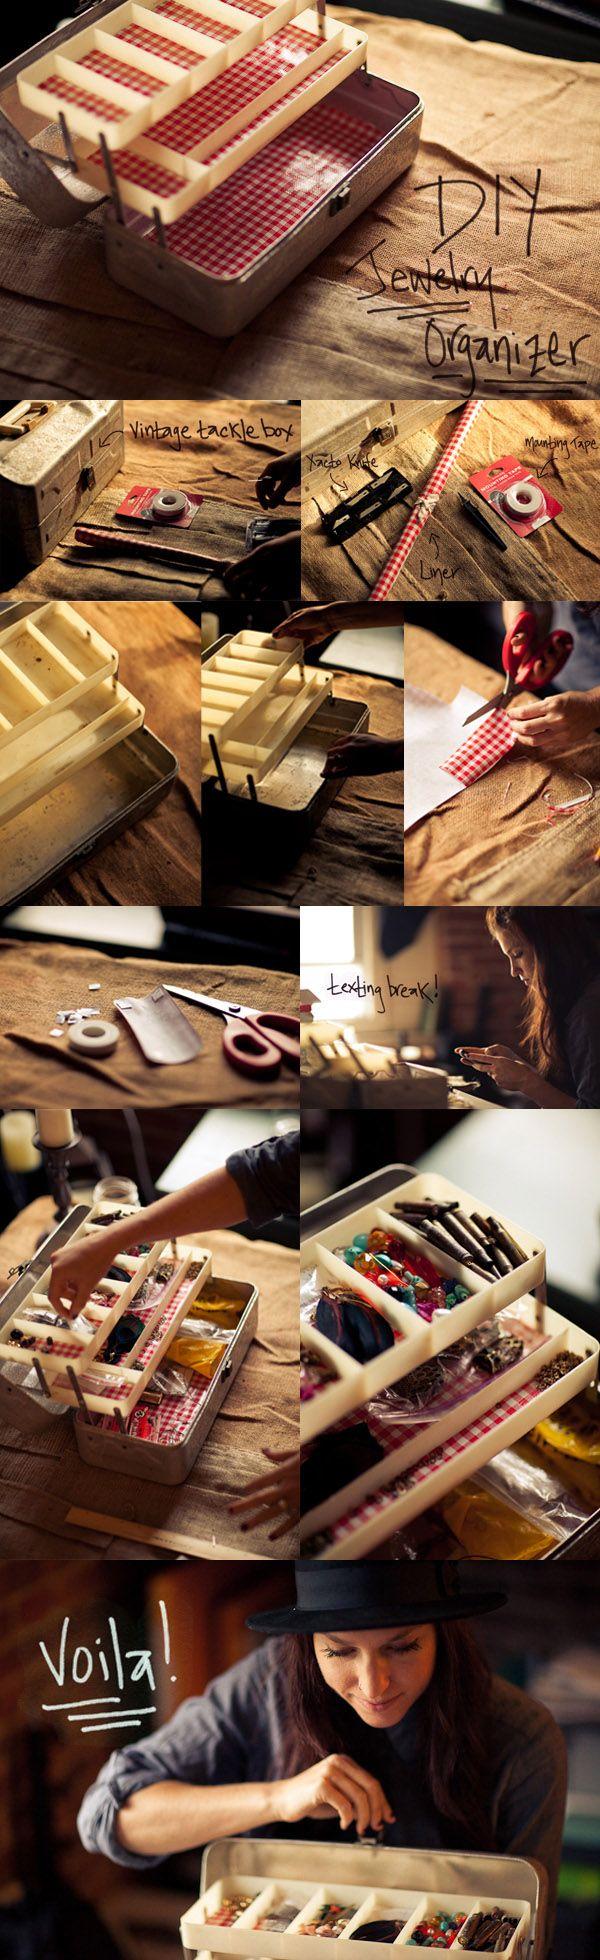 Bracelet Organizer Ideas 20 Ideas To Make Diy Jewelry Holder Stay Organized Diy Jewelry